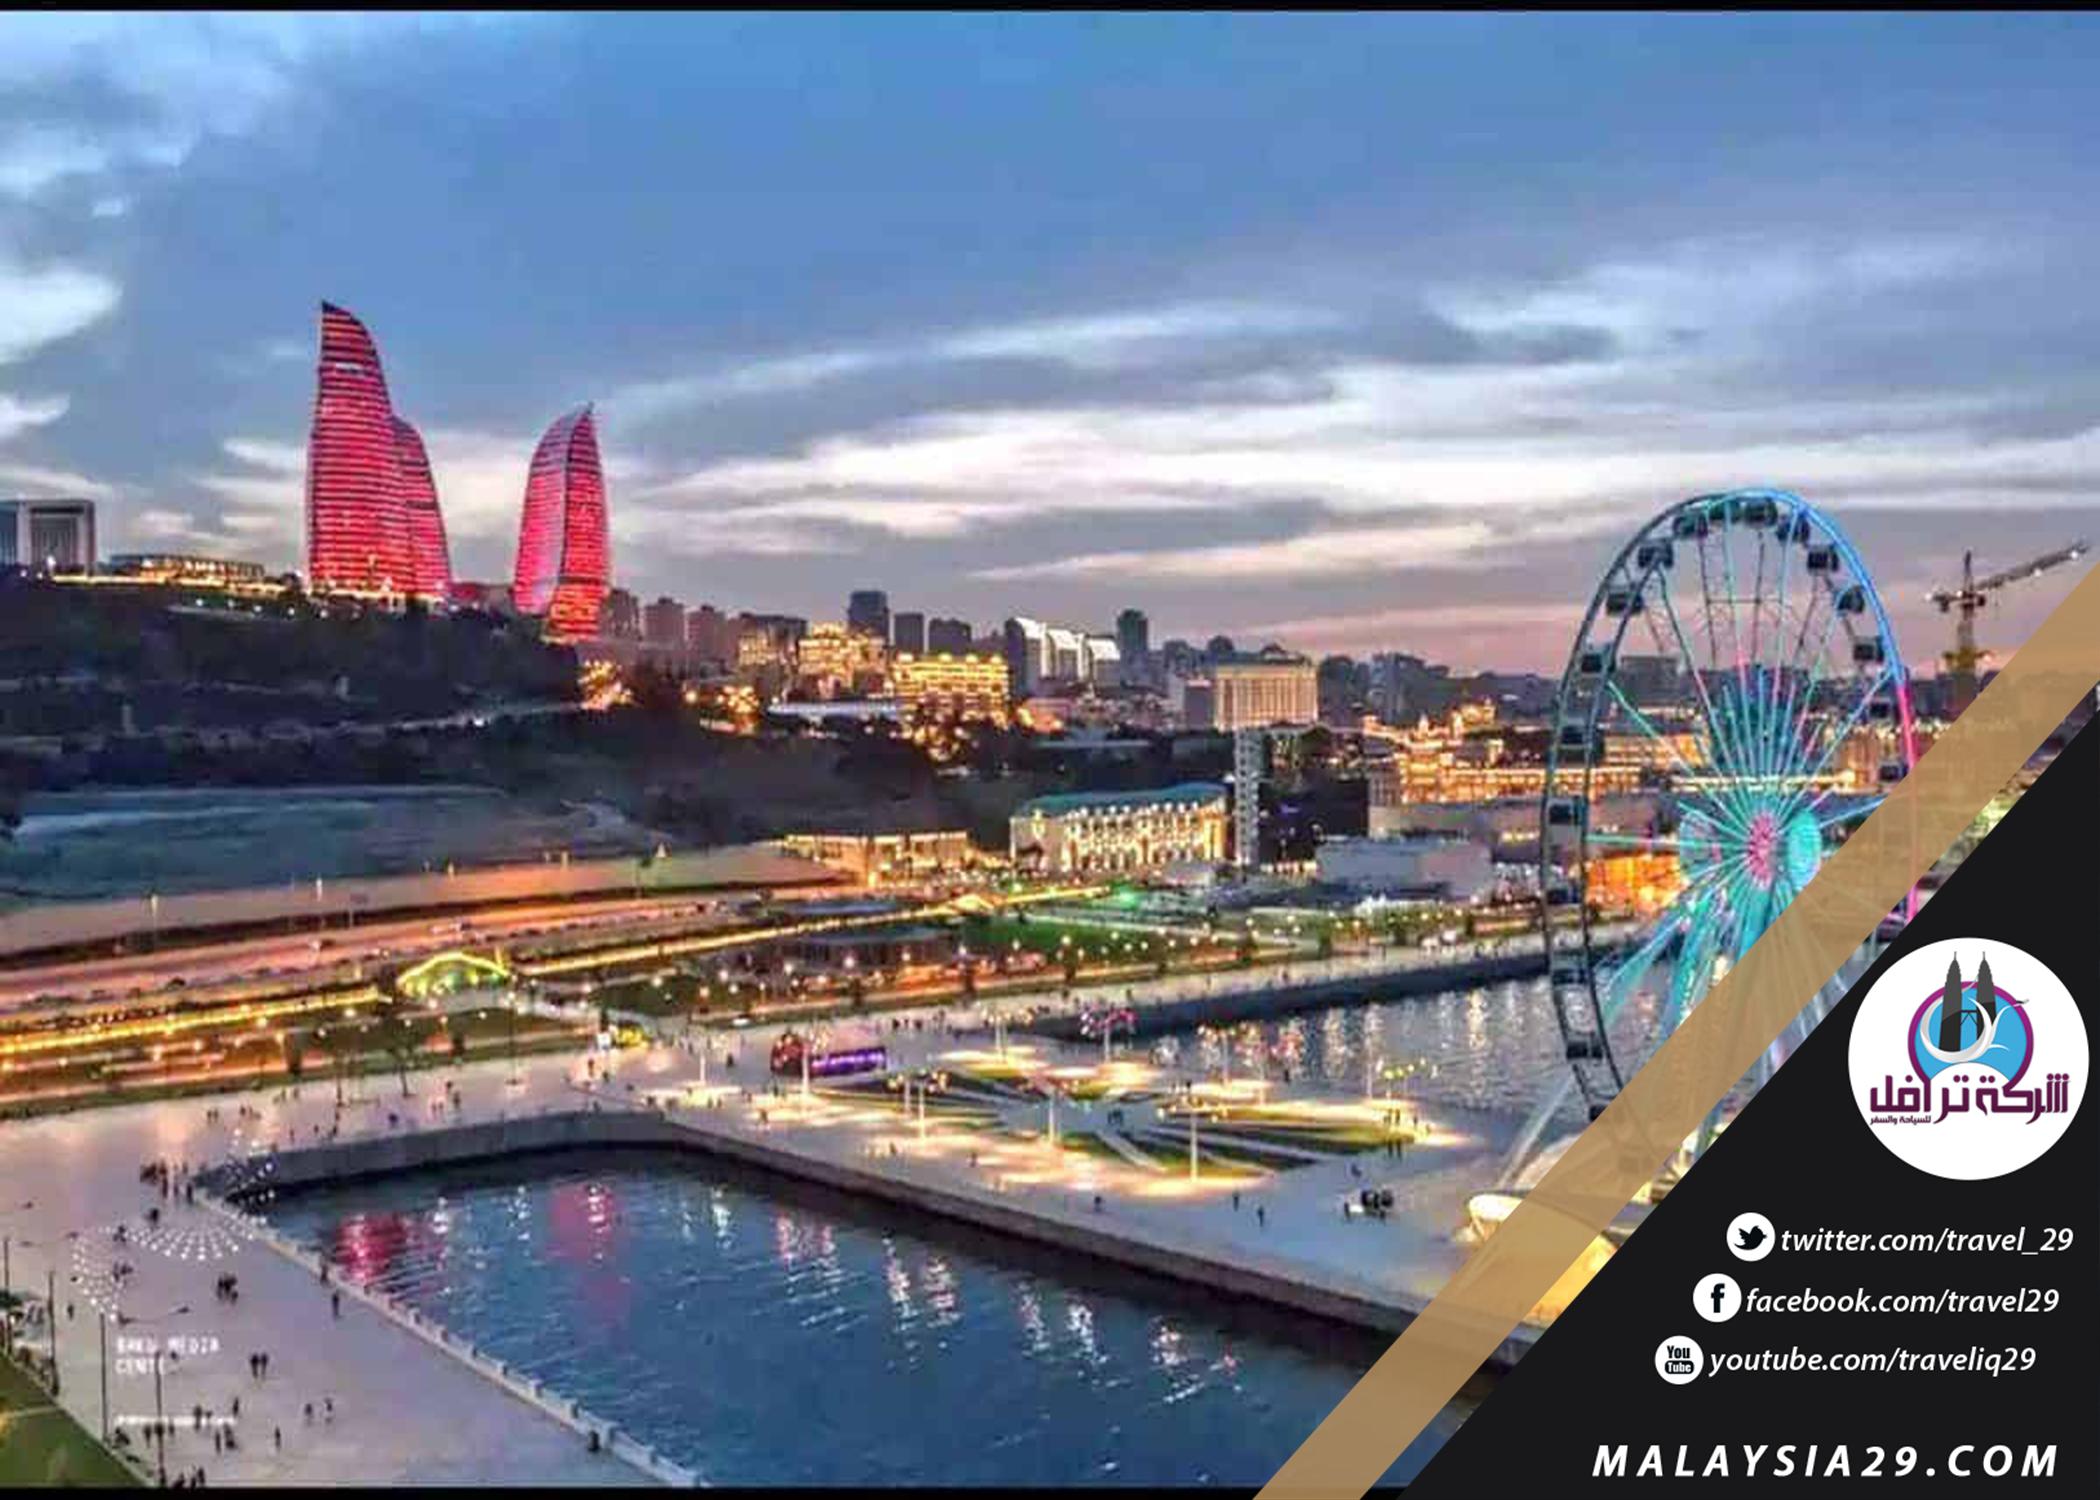 أشهر الاماكن السياحية في باكو اذربيجان